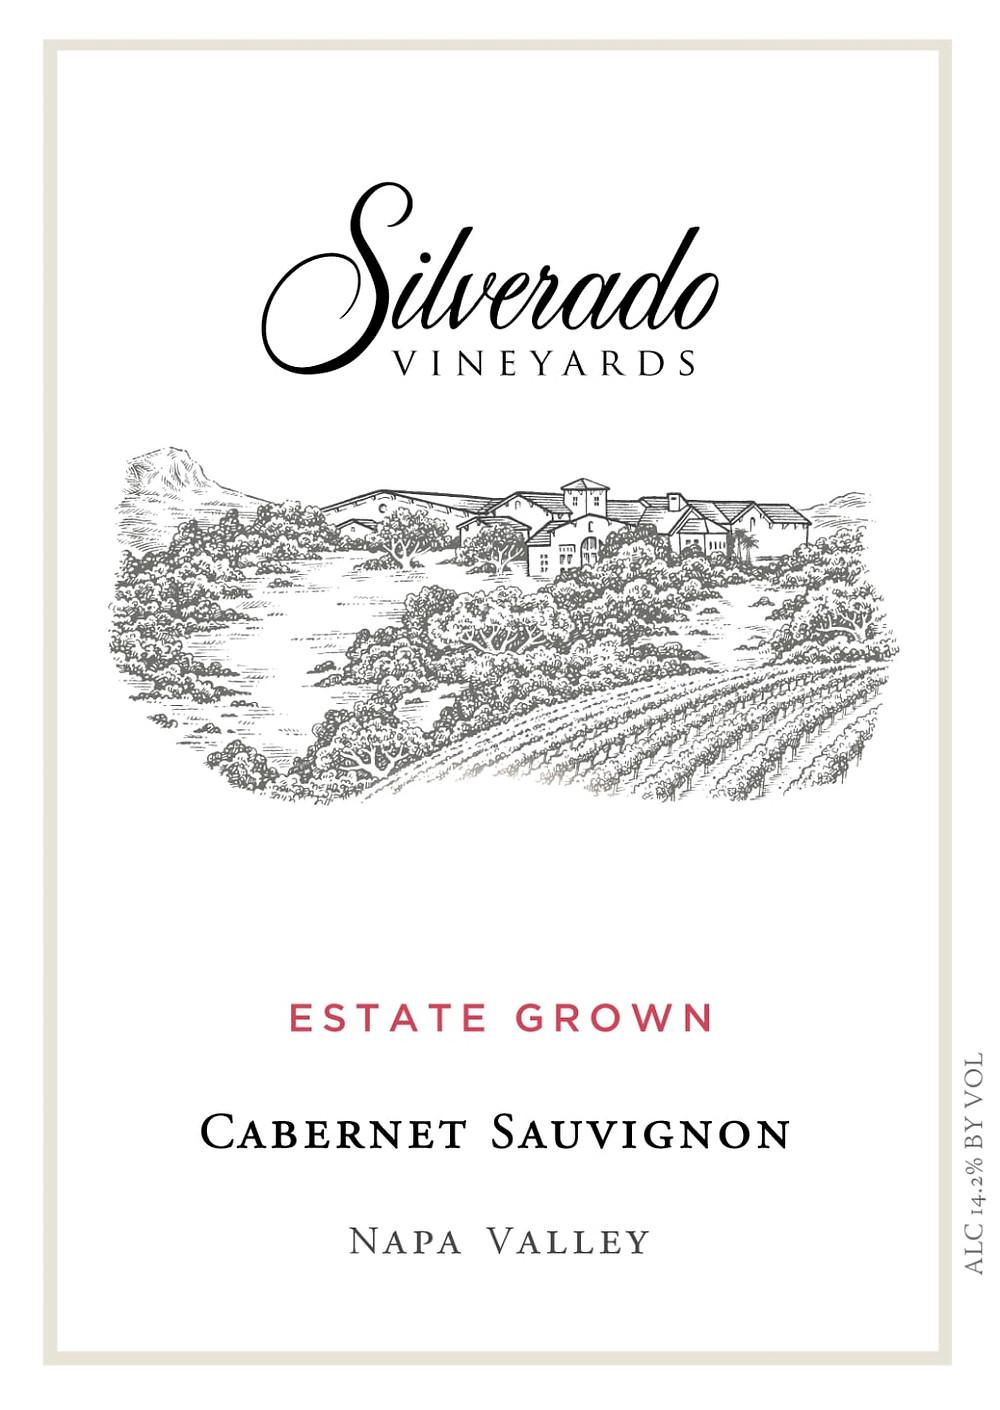 Silverado Cabernet Sauvignon wine label